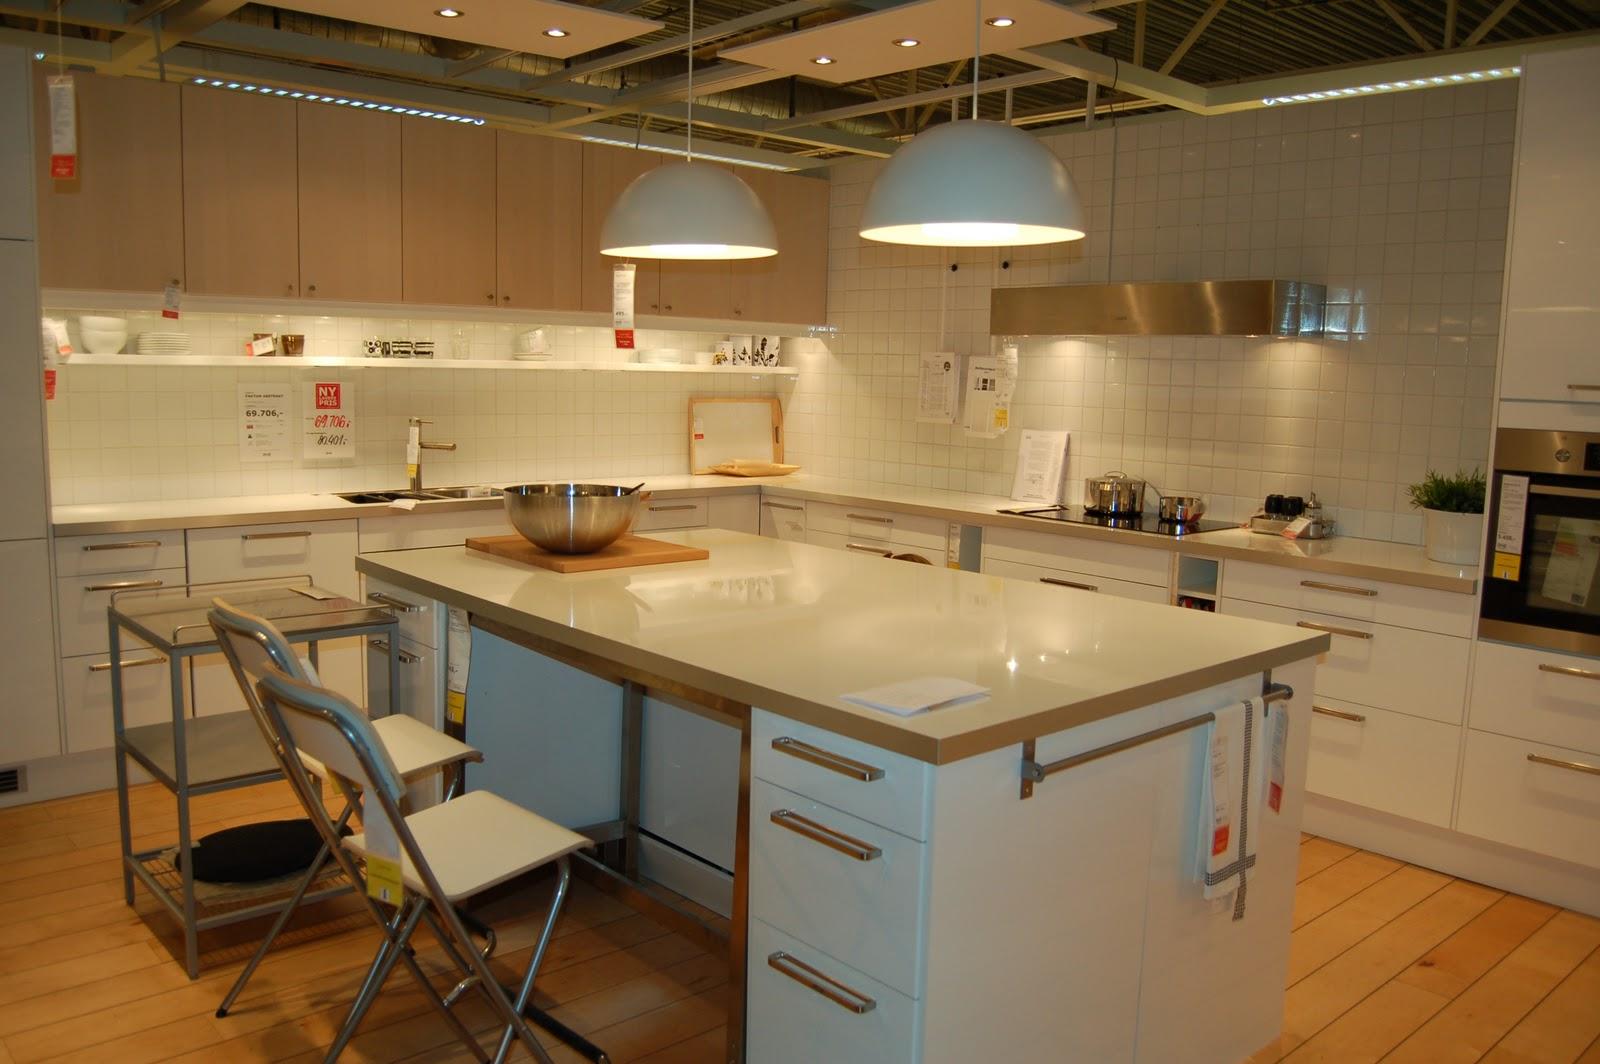 Maries interi?r blogg: IKEA KJ?KKEN